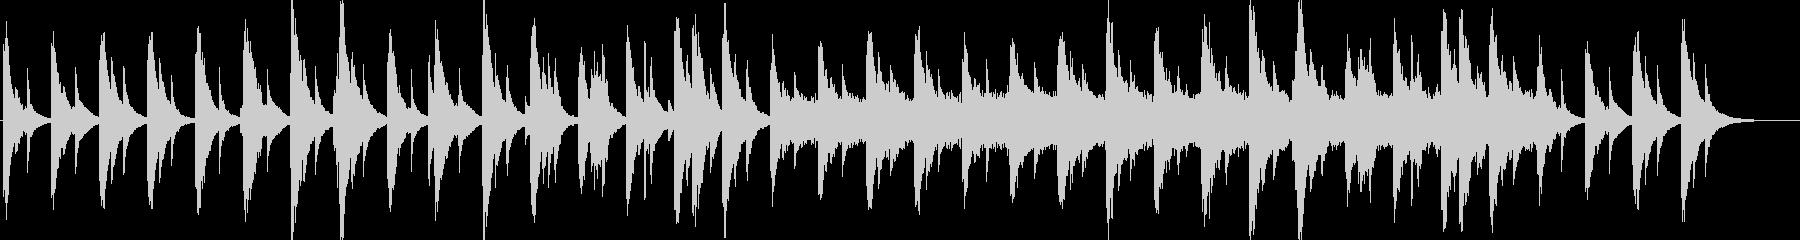 ハープシコードの悲しげな切ないメロディの未再生の波形